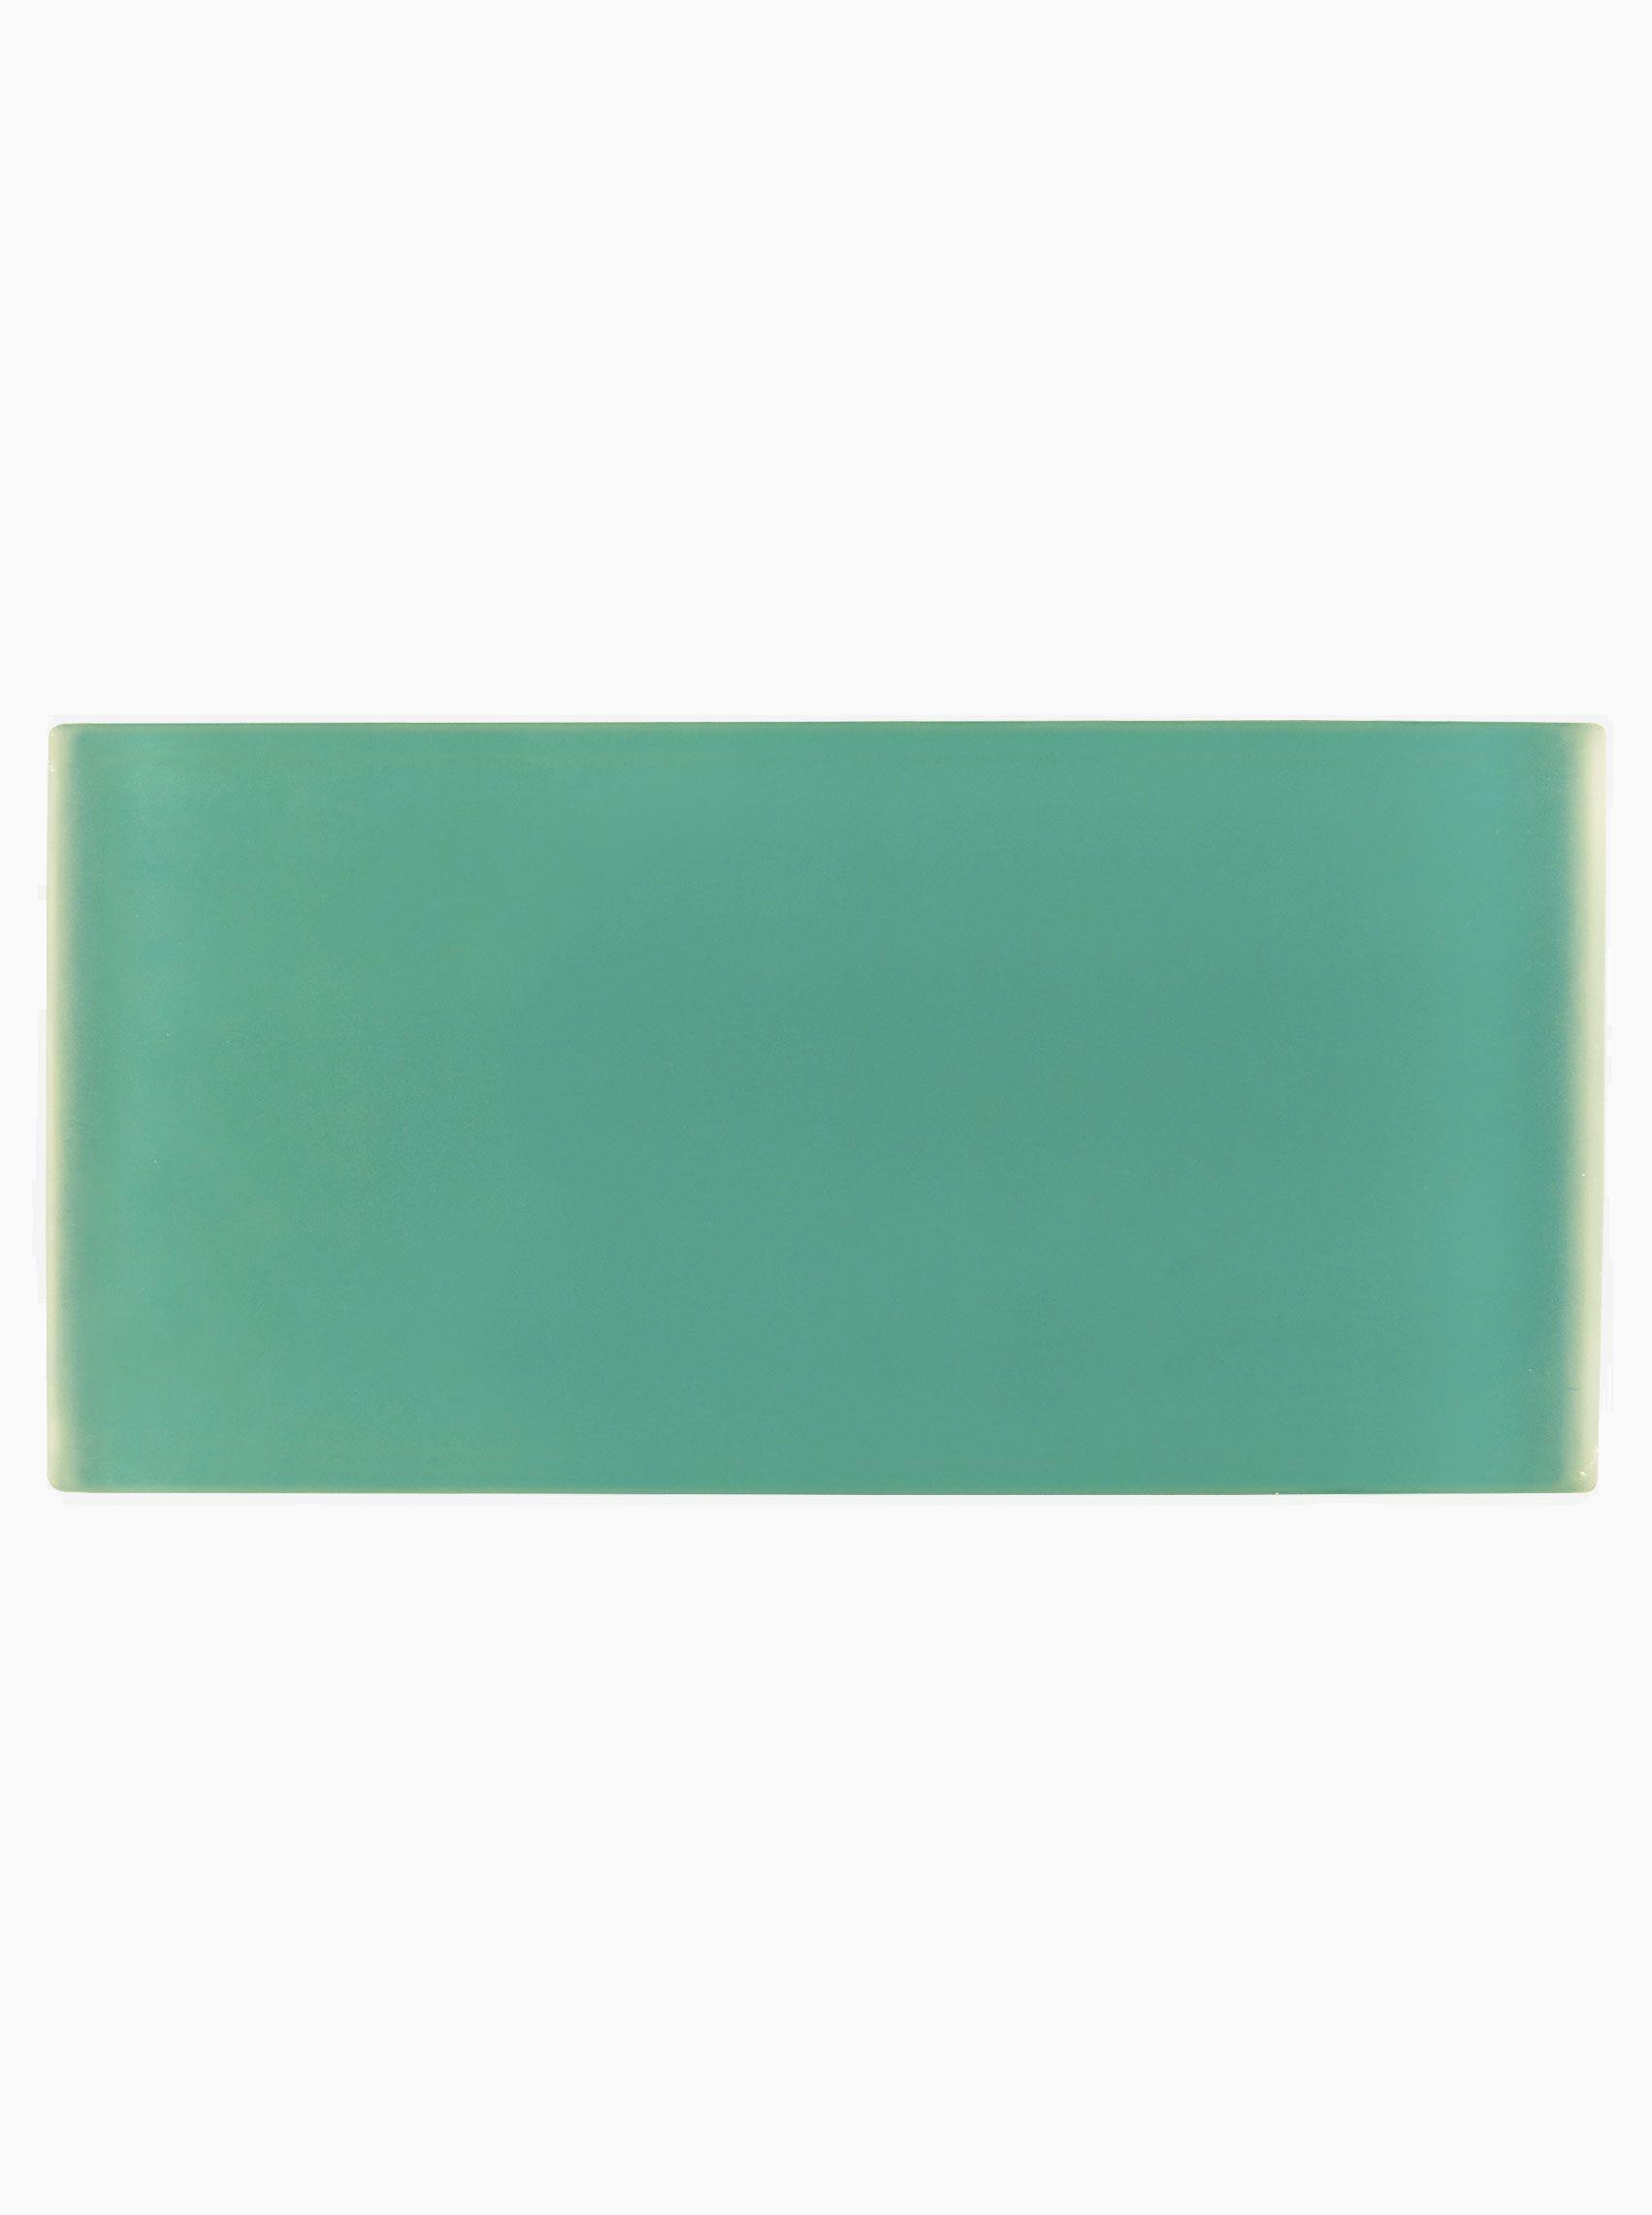 Byzantine Emerald 7.5x15